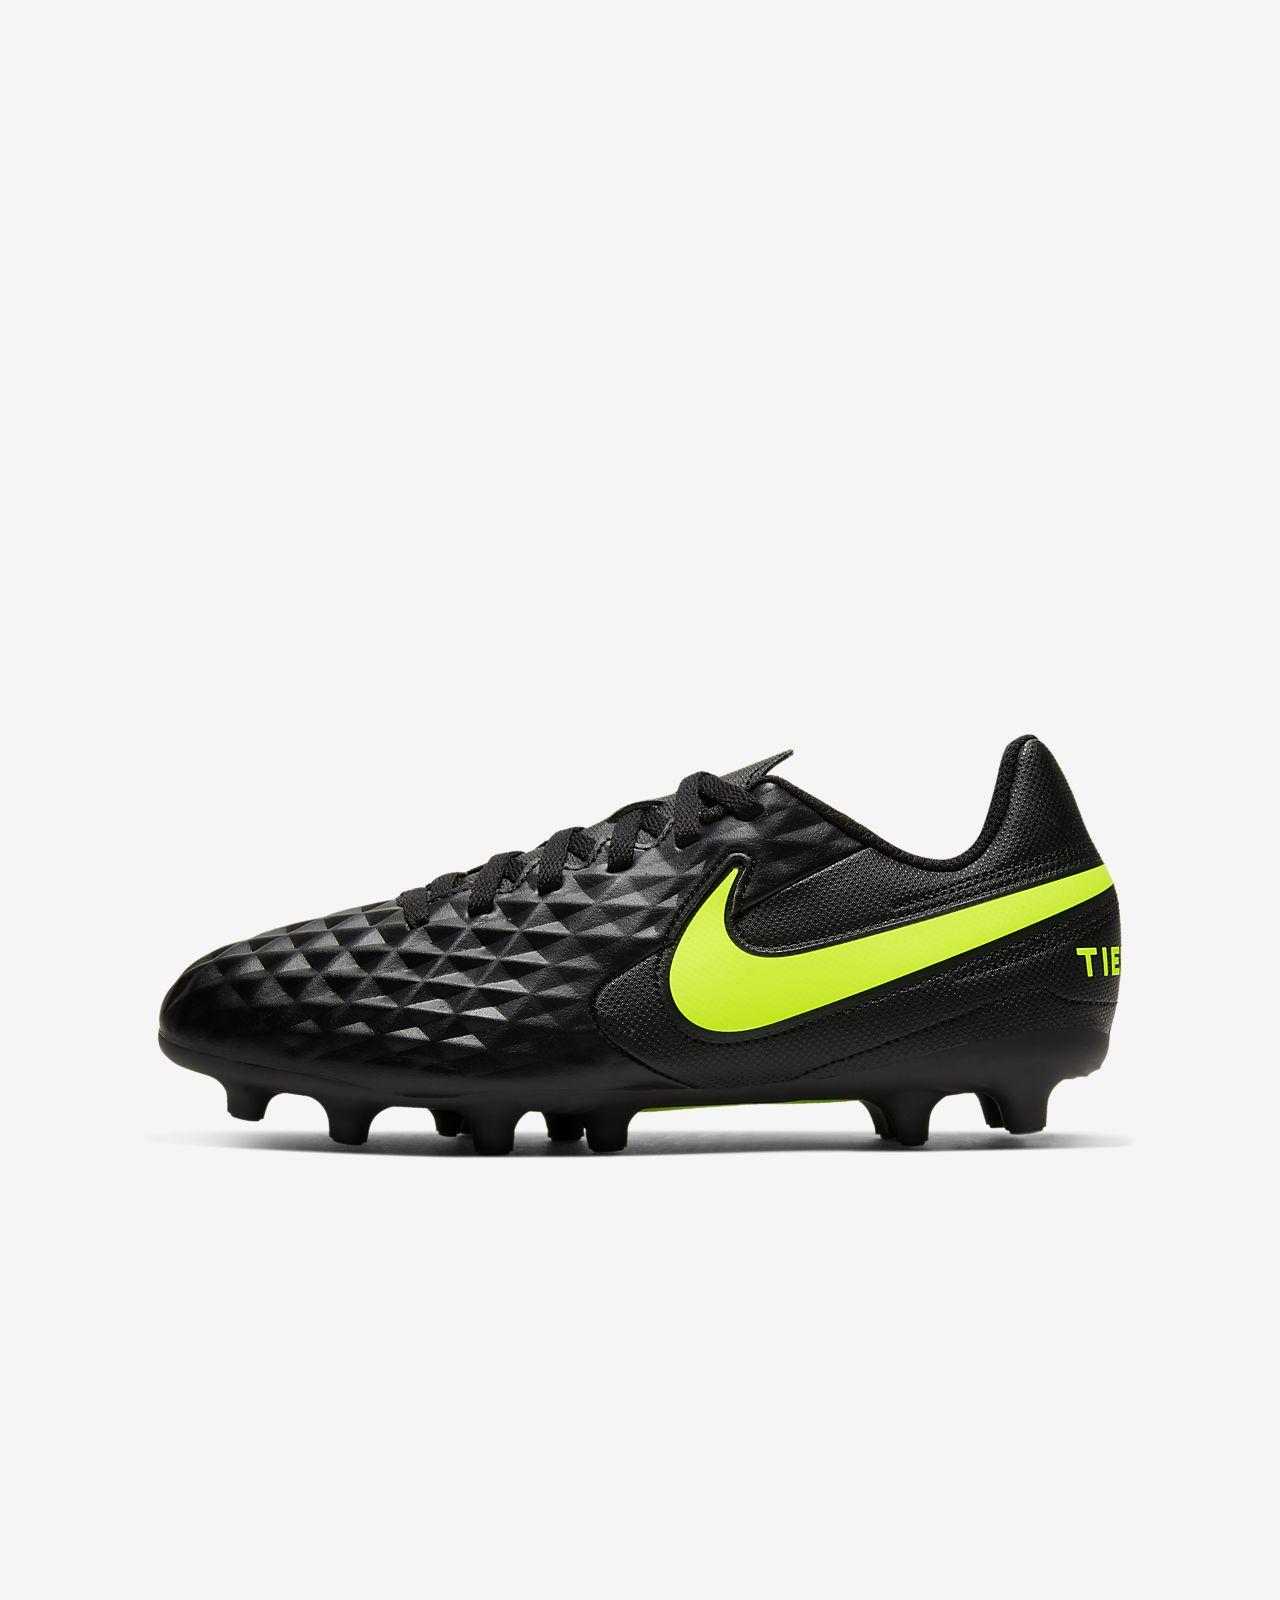 100% autenticado Precio al por mayor 2019 sitio oficial Nike Jr. Tiempo Legend 8 Club MG Big Kids' Multi-Ground Soccer ...